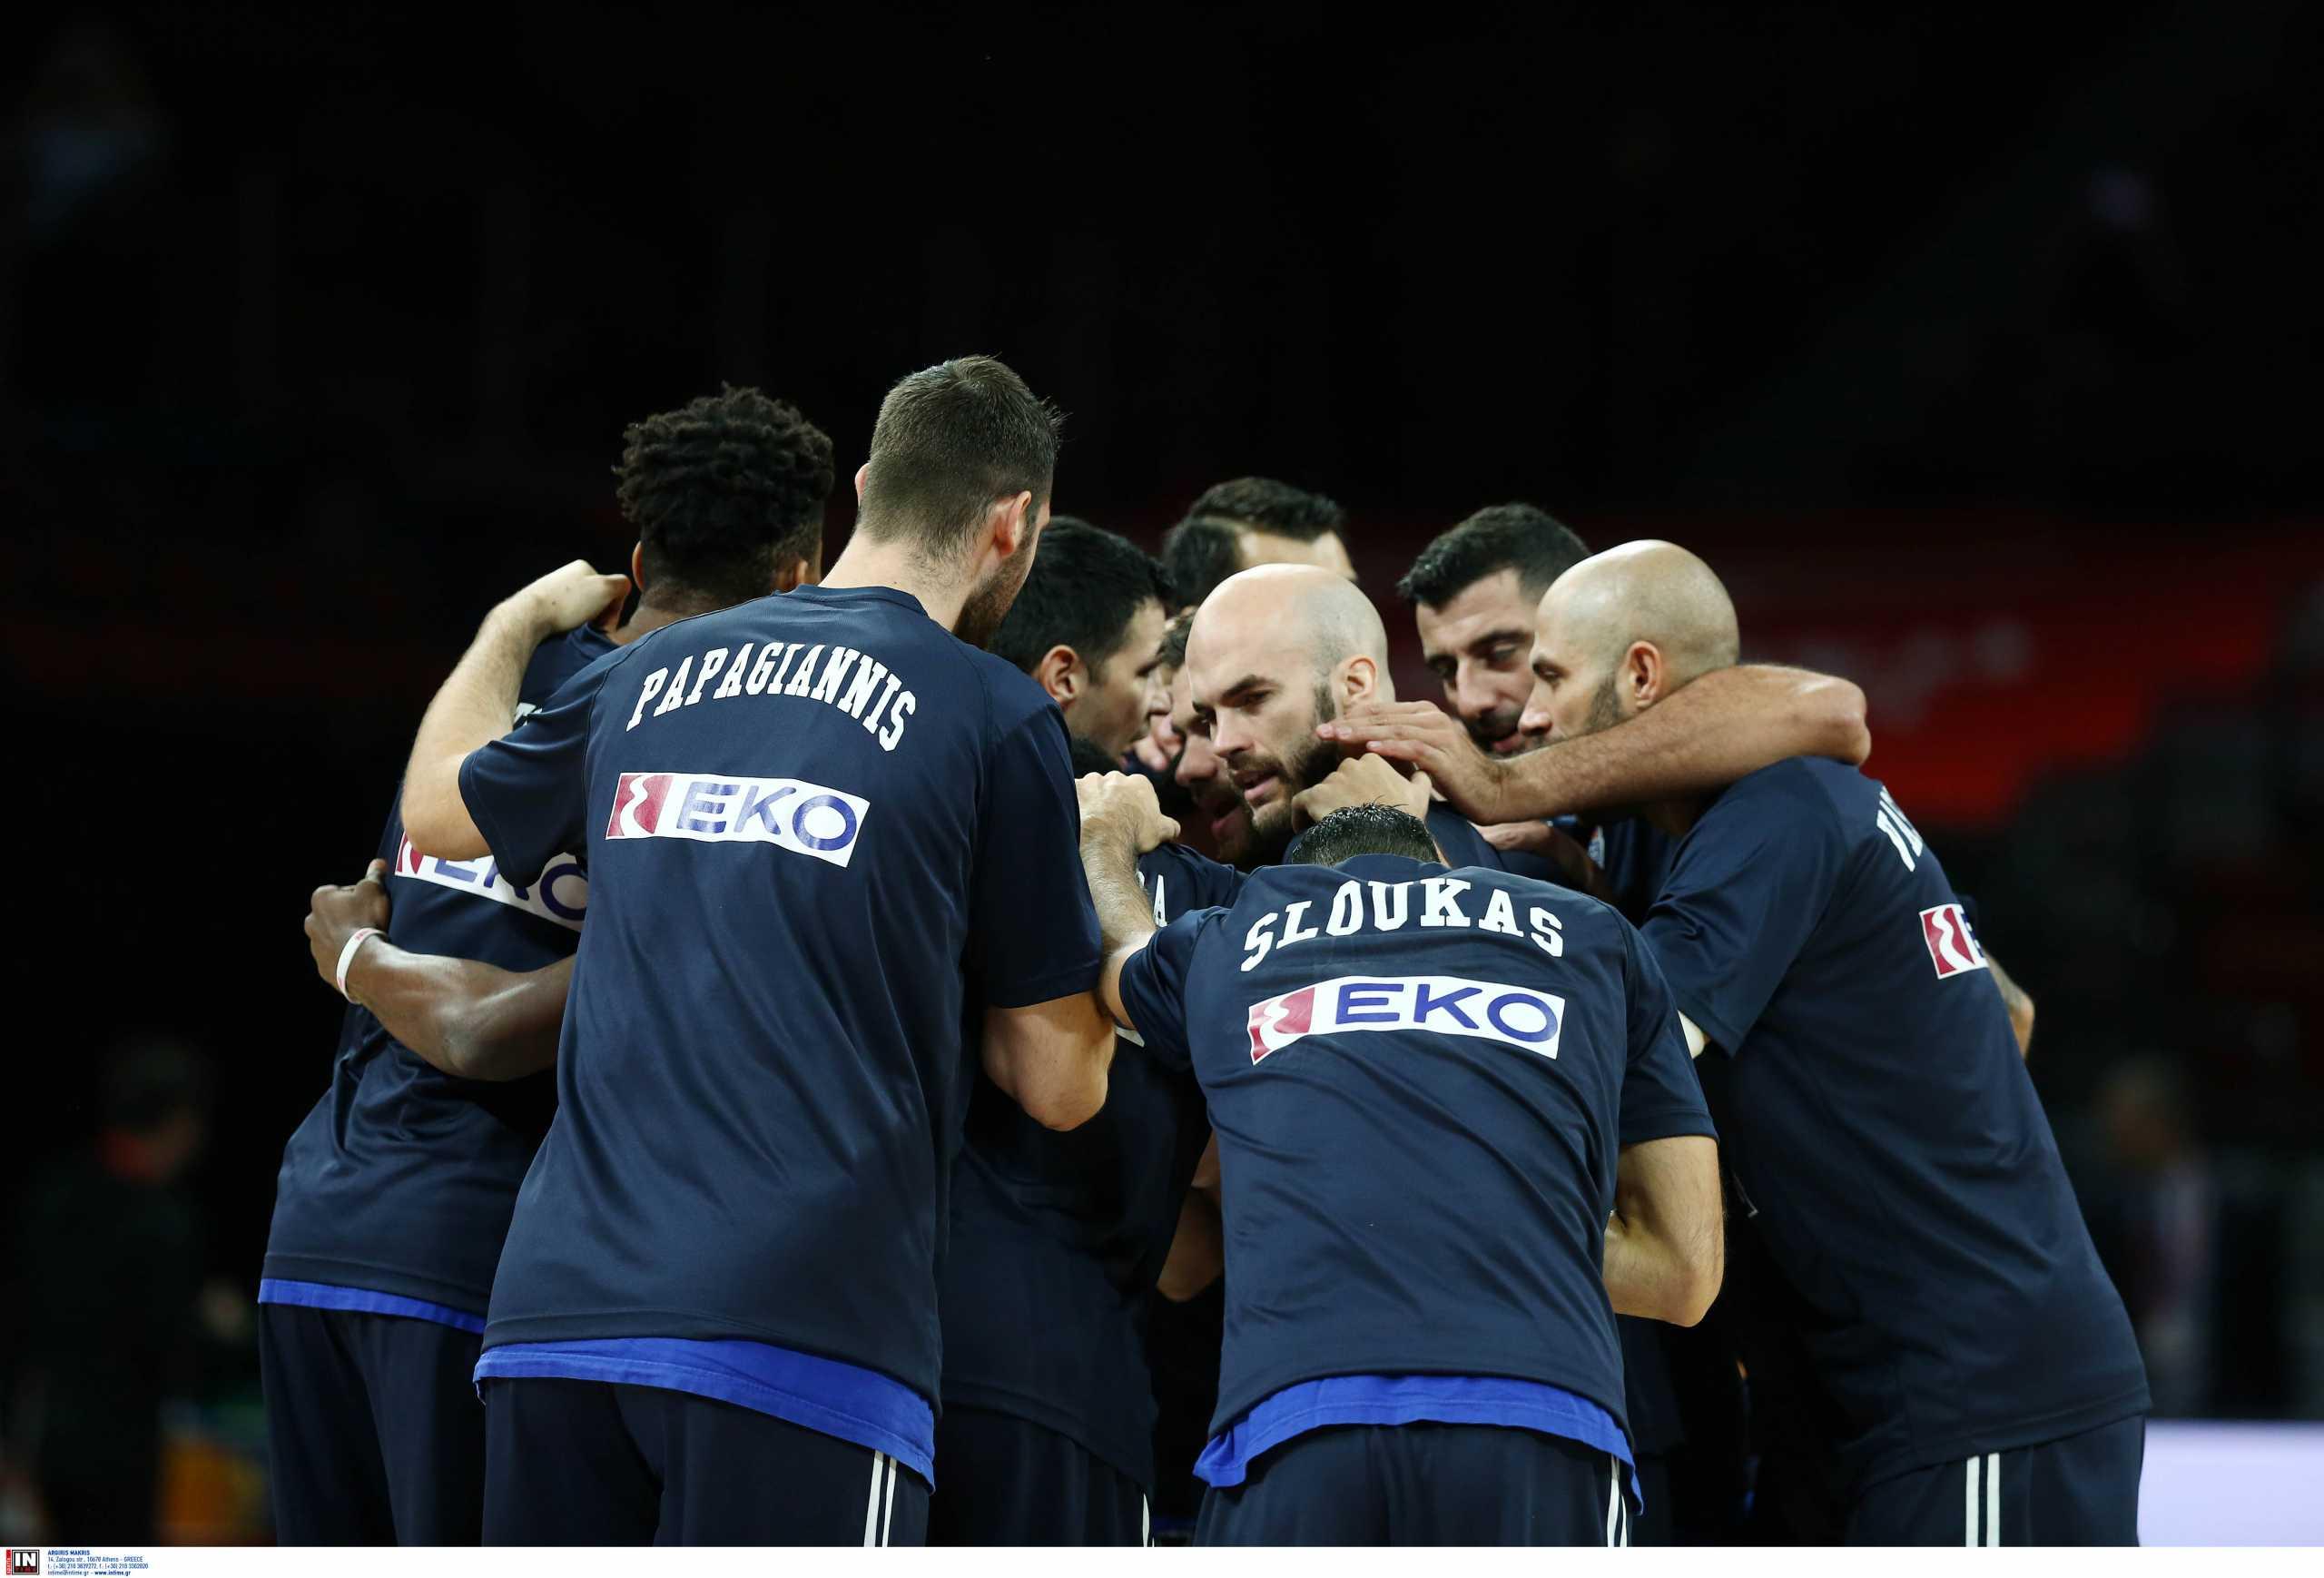 Κλήρωση Eurobasket 2022: Οι αντίπαλοι της Εθνικής Ελλάδας